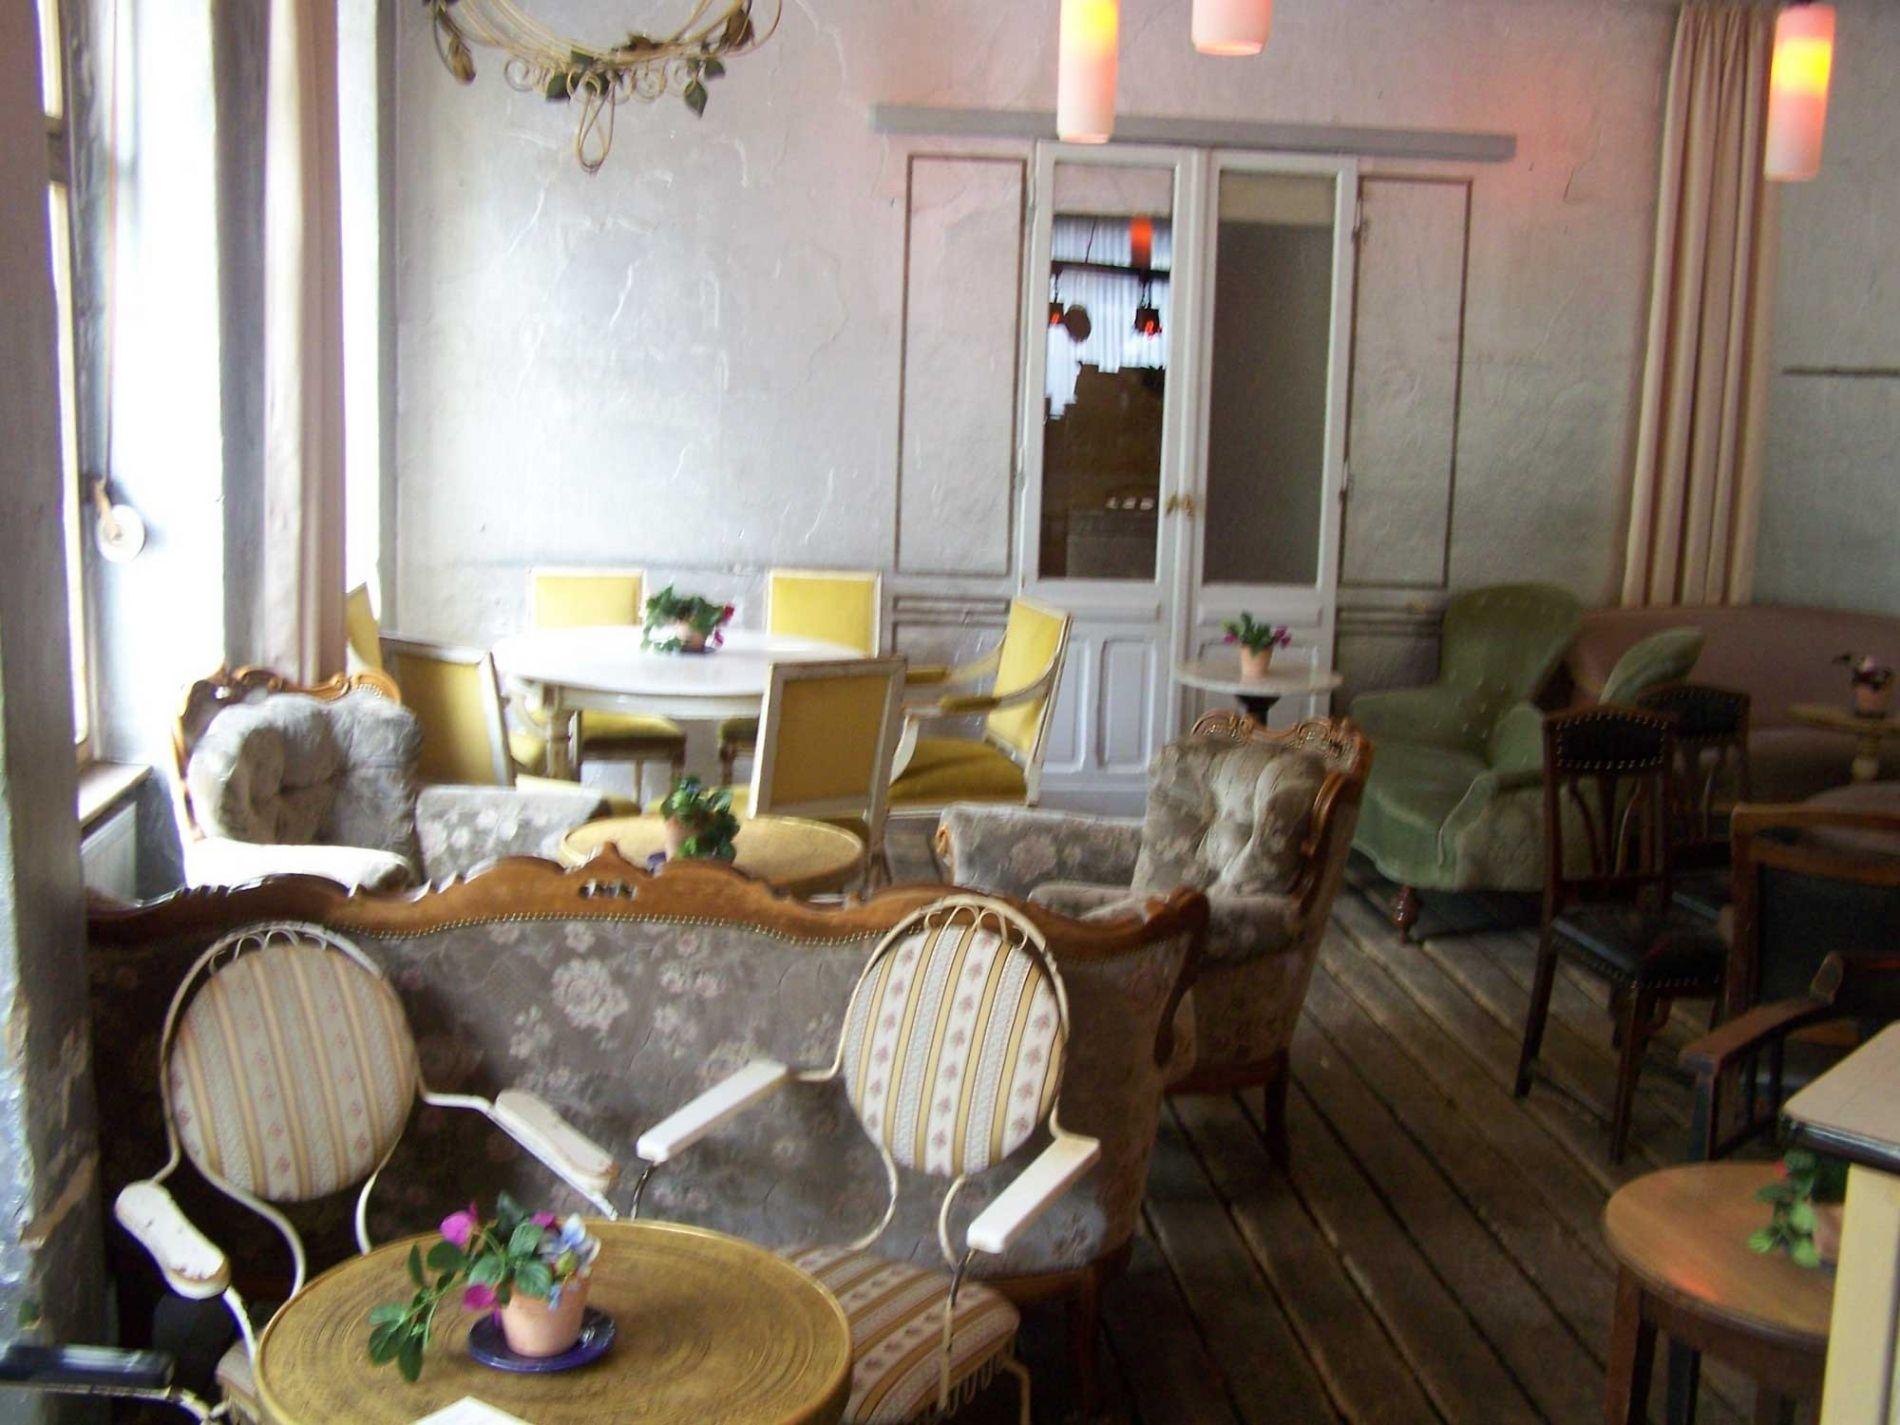 Wohnzimmer Berlin ~ Wunderschöne wohnzimmer berlin wohnzimmer ideen